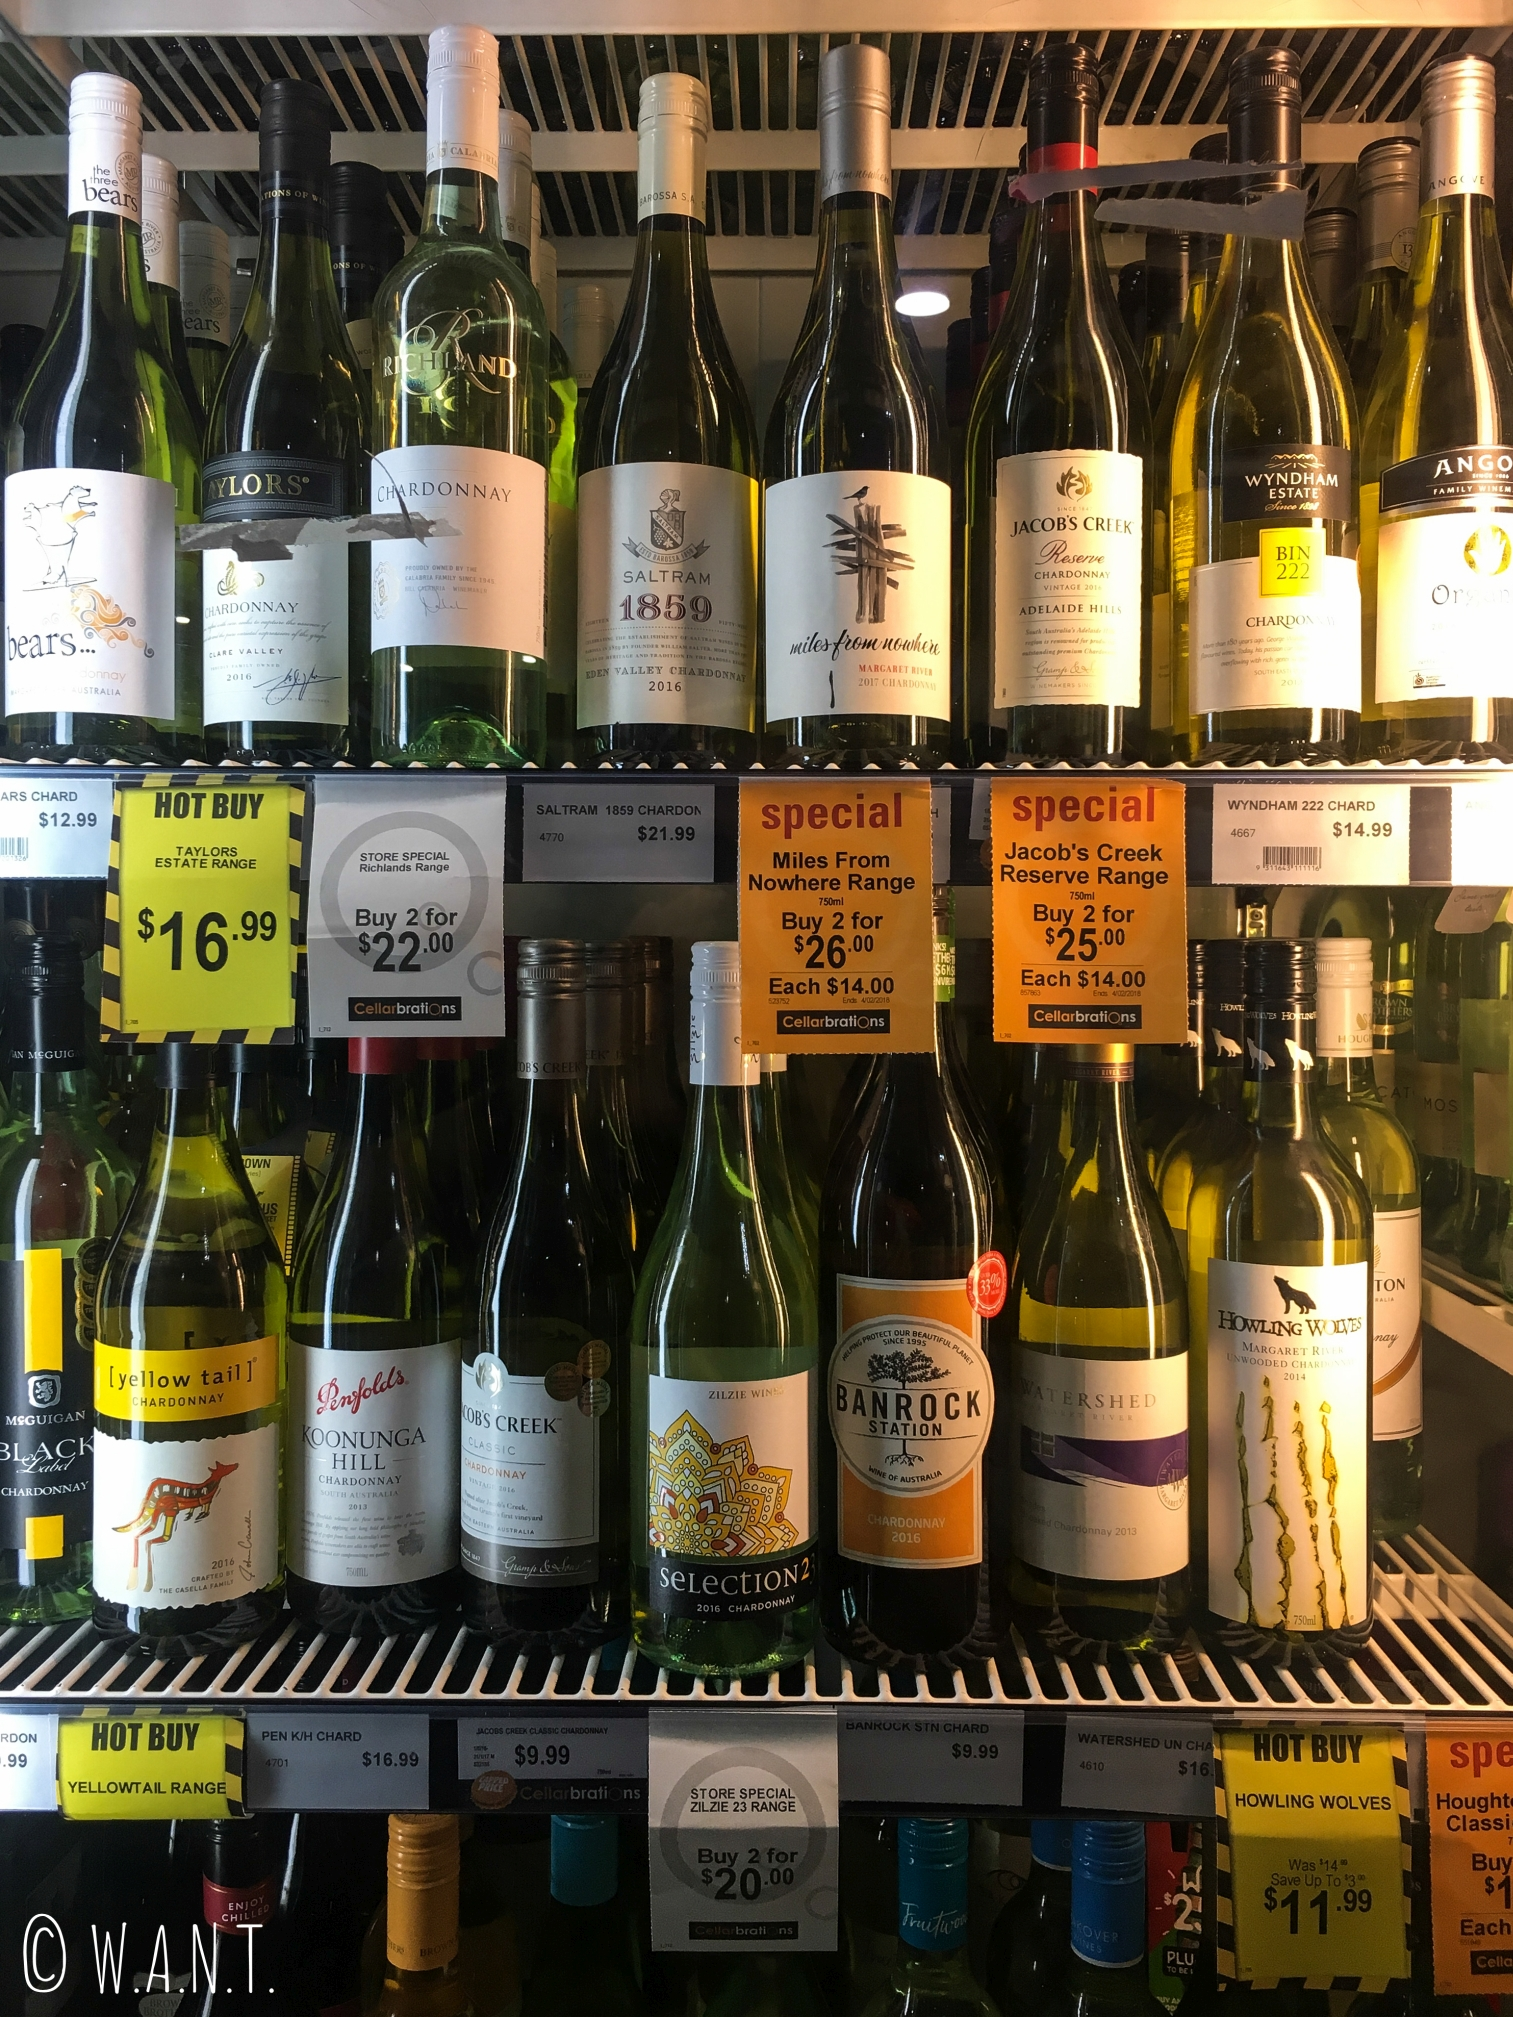 Le rayon de vin des vendeurs d'alcool n'a rien à envier à ceux que l'on a en France